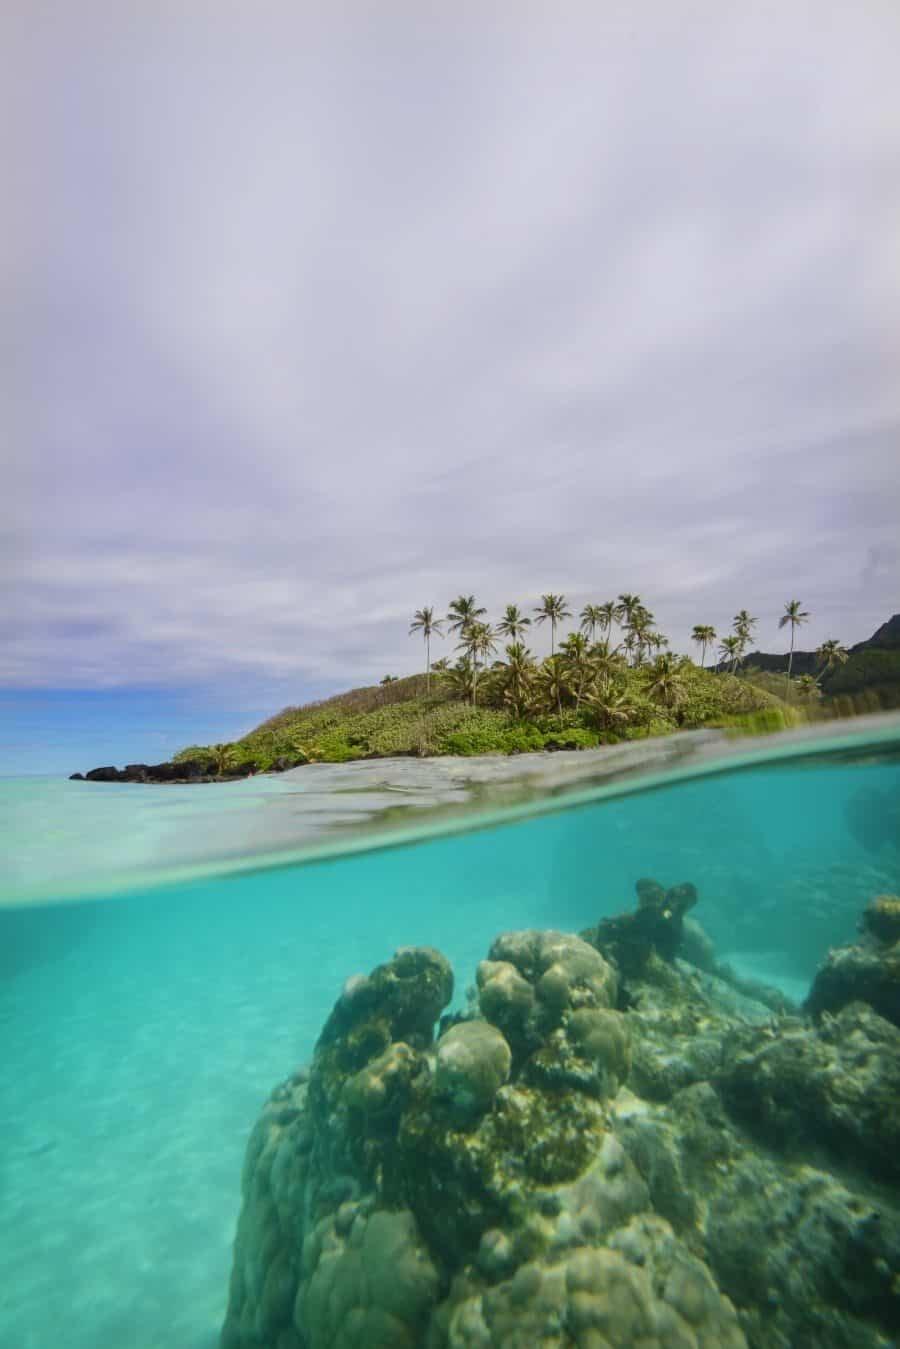 ikurangi-eco-retreat-rarotonga-cook-islands-1